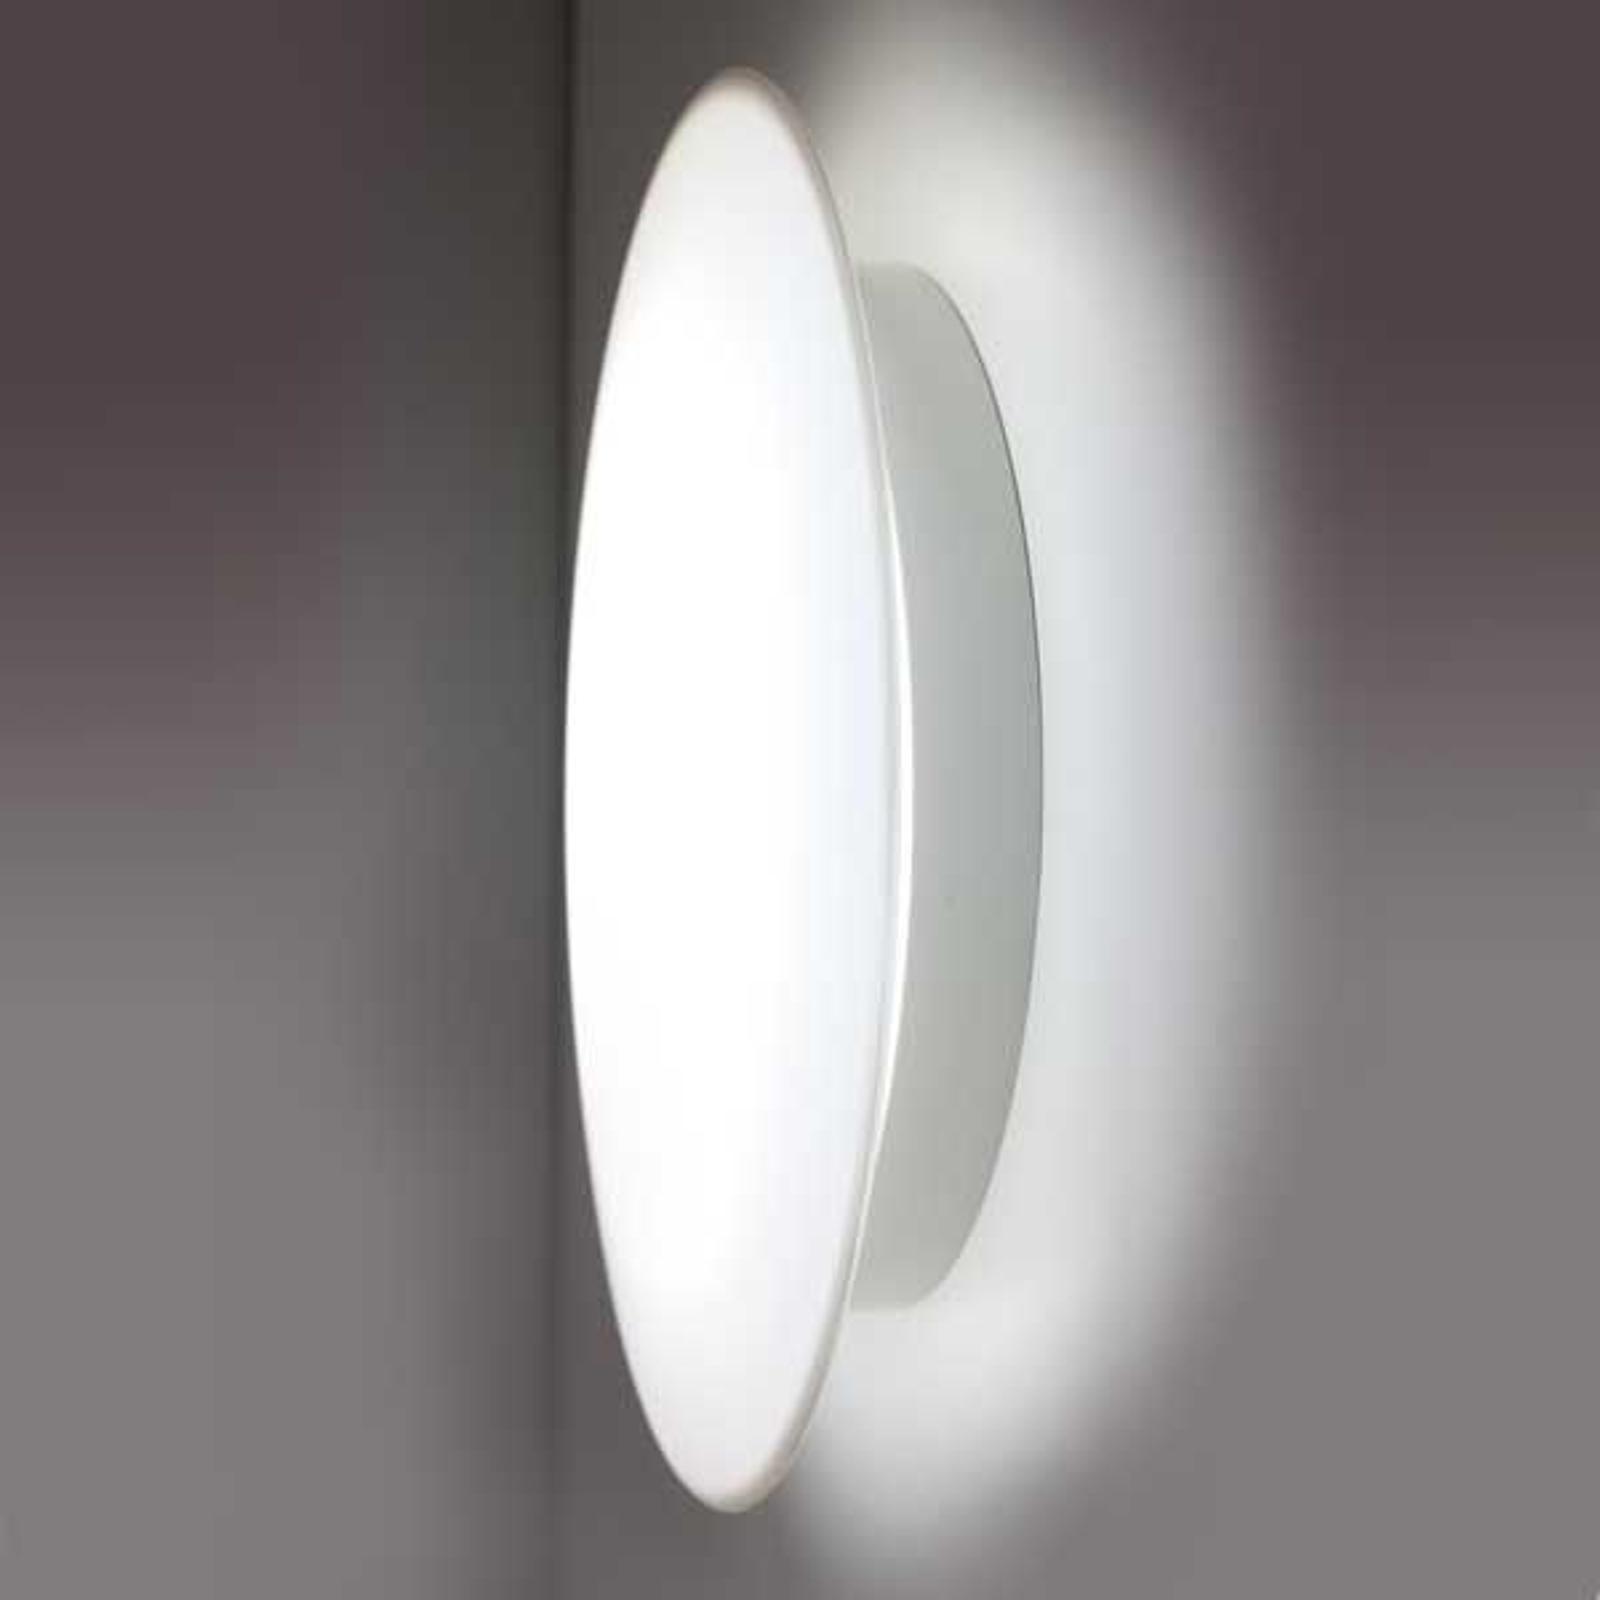 SUN 3 LED - fremtidens lampe hvid 8 W 3K